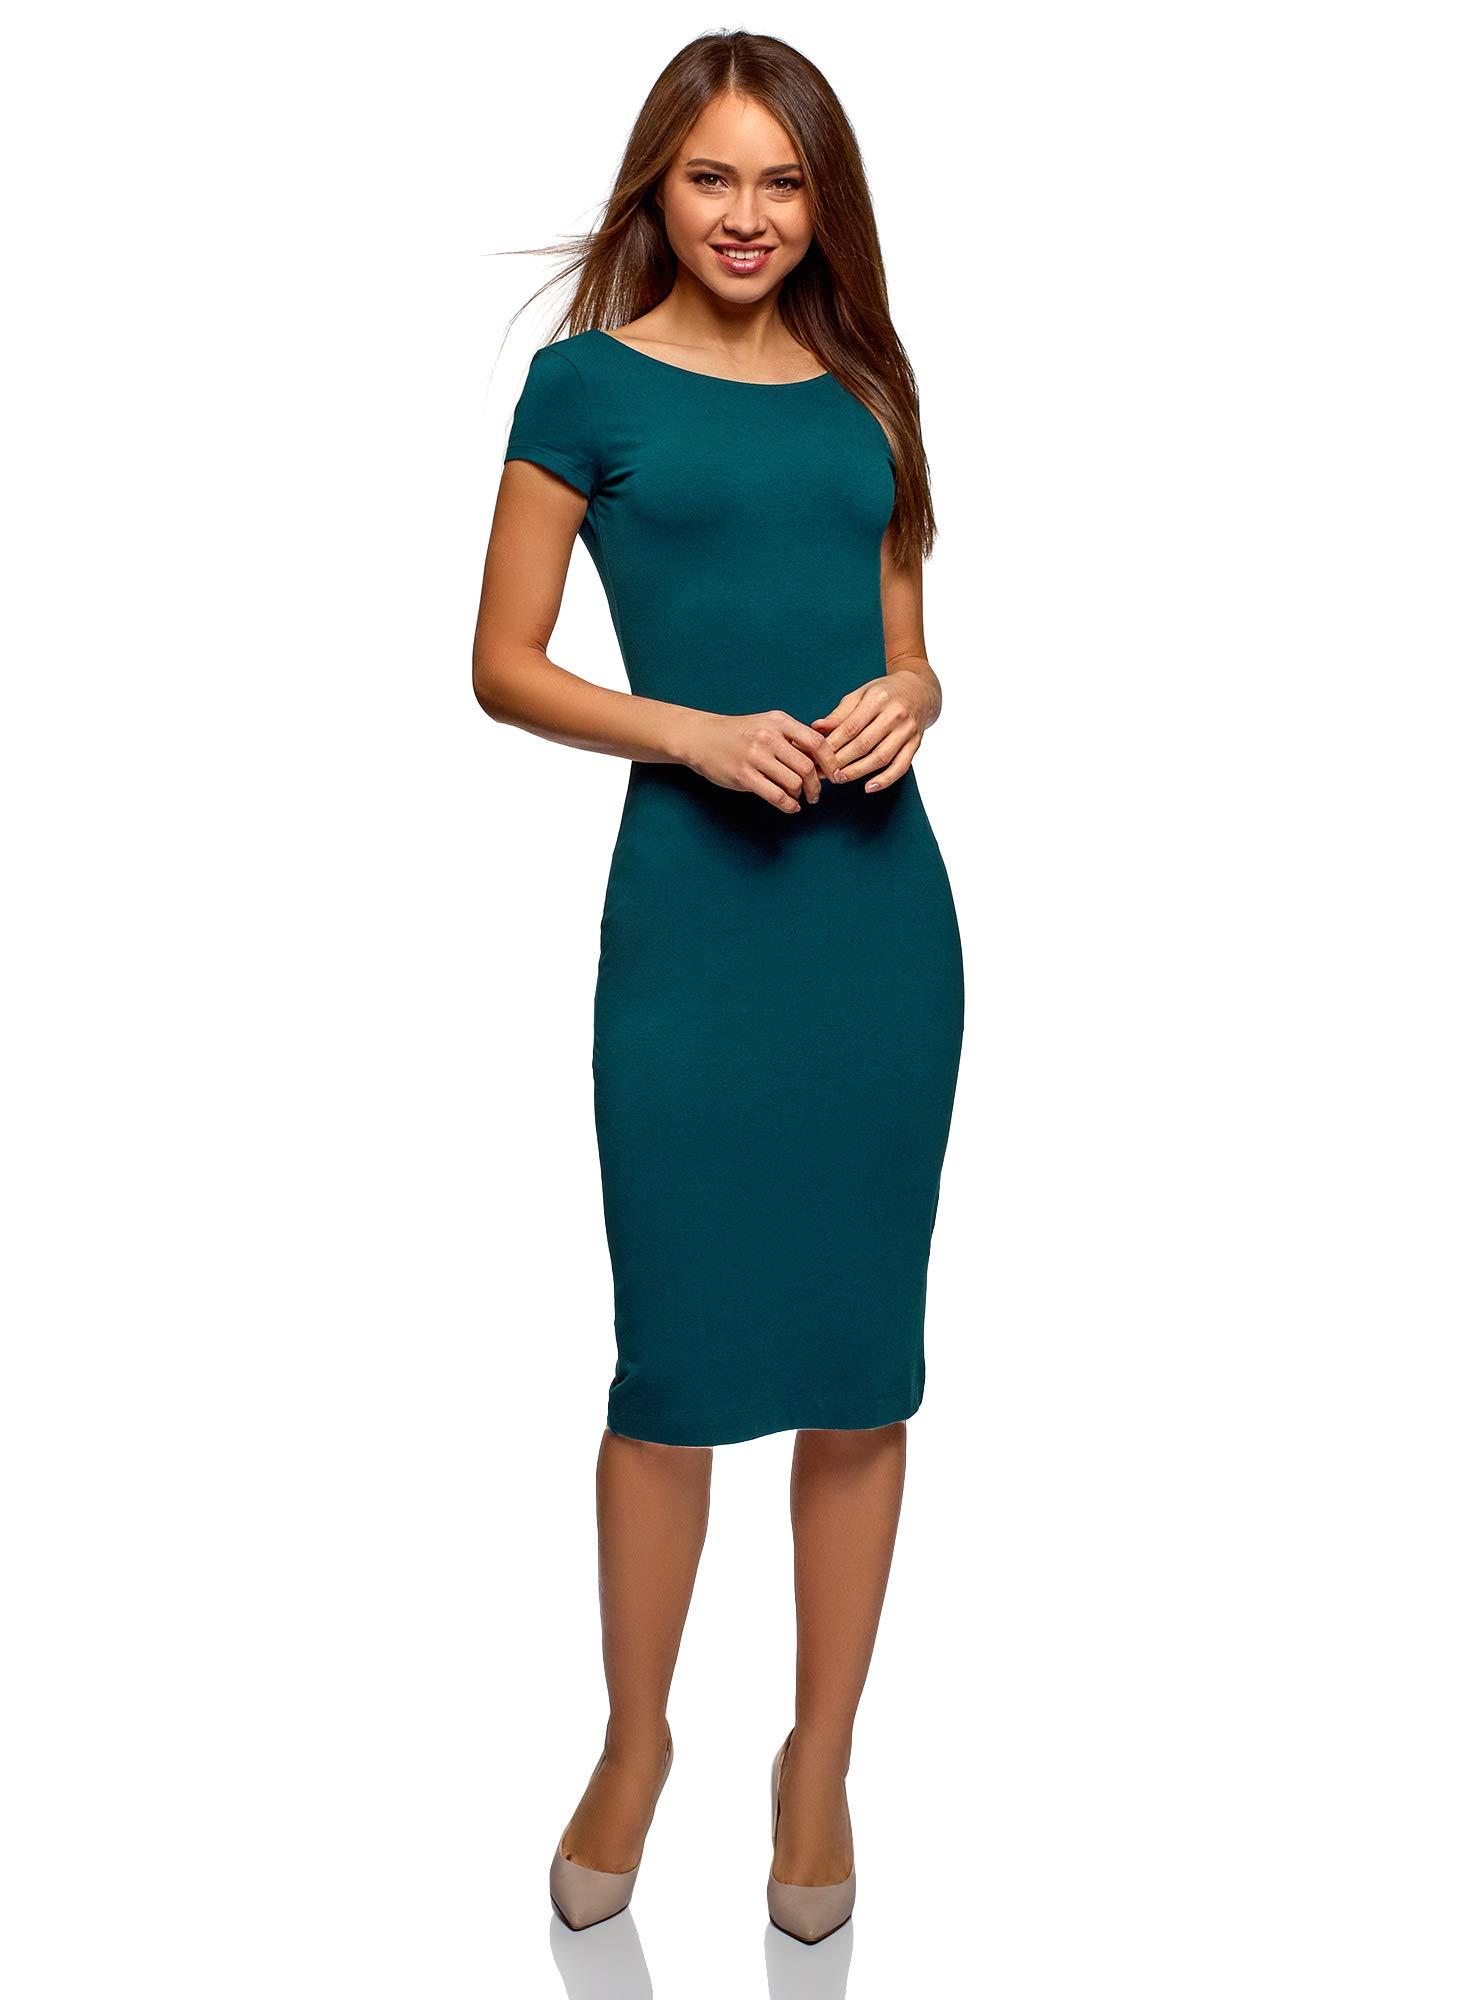 5e14971f53f9 Mejor valorados en Vestidos para mujer & Opiniones útiles de ...